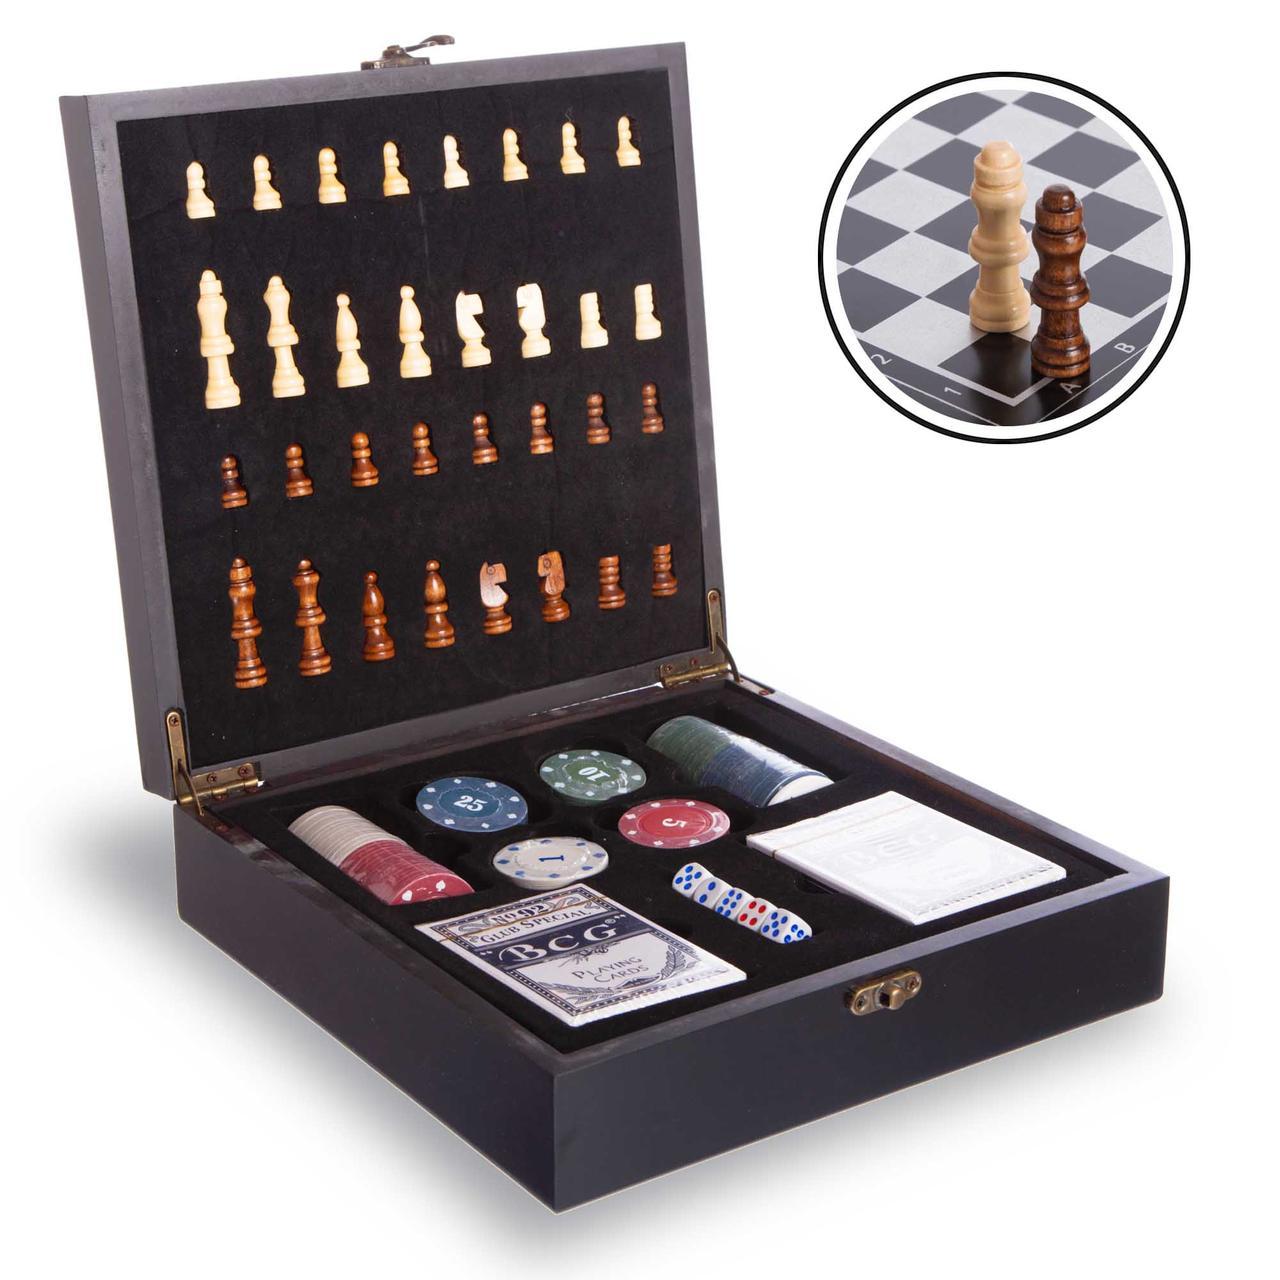 Шахи, покер 2 в 1 дерев'яні 24 x 24 см чорні W2624